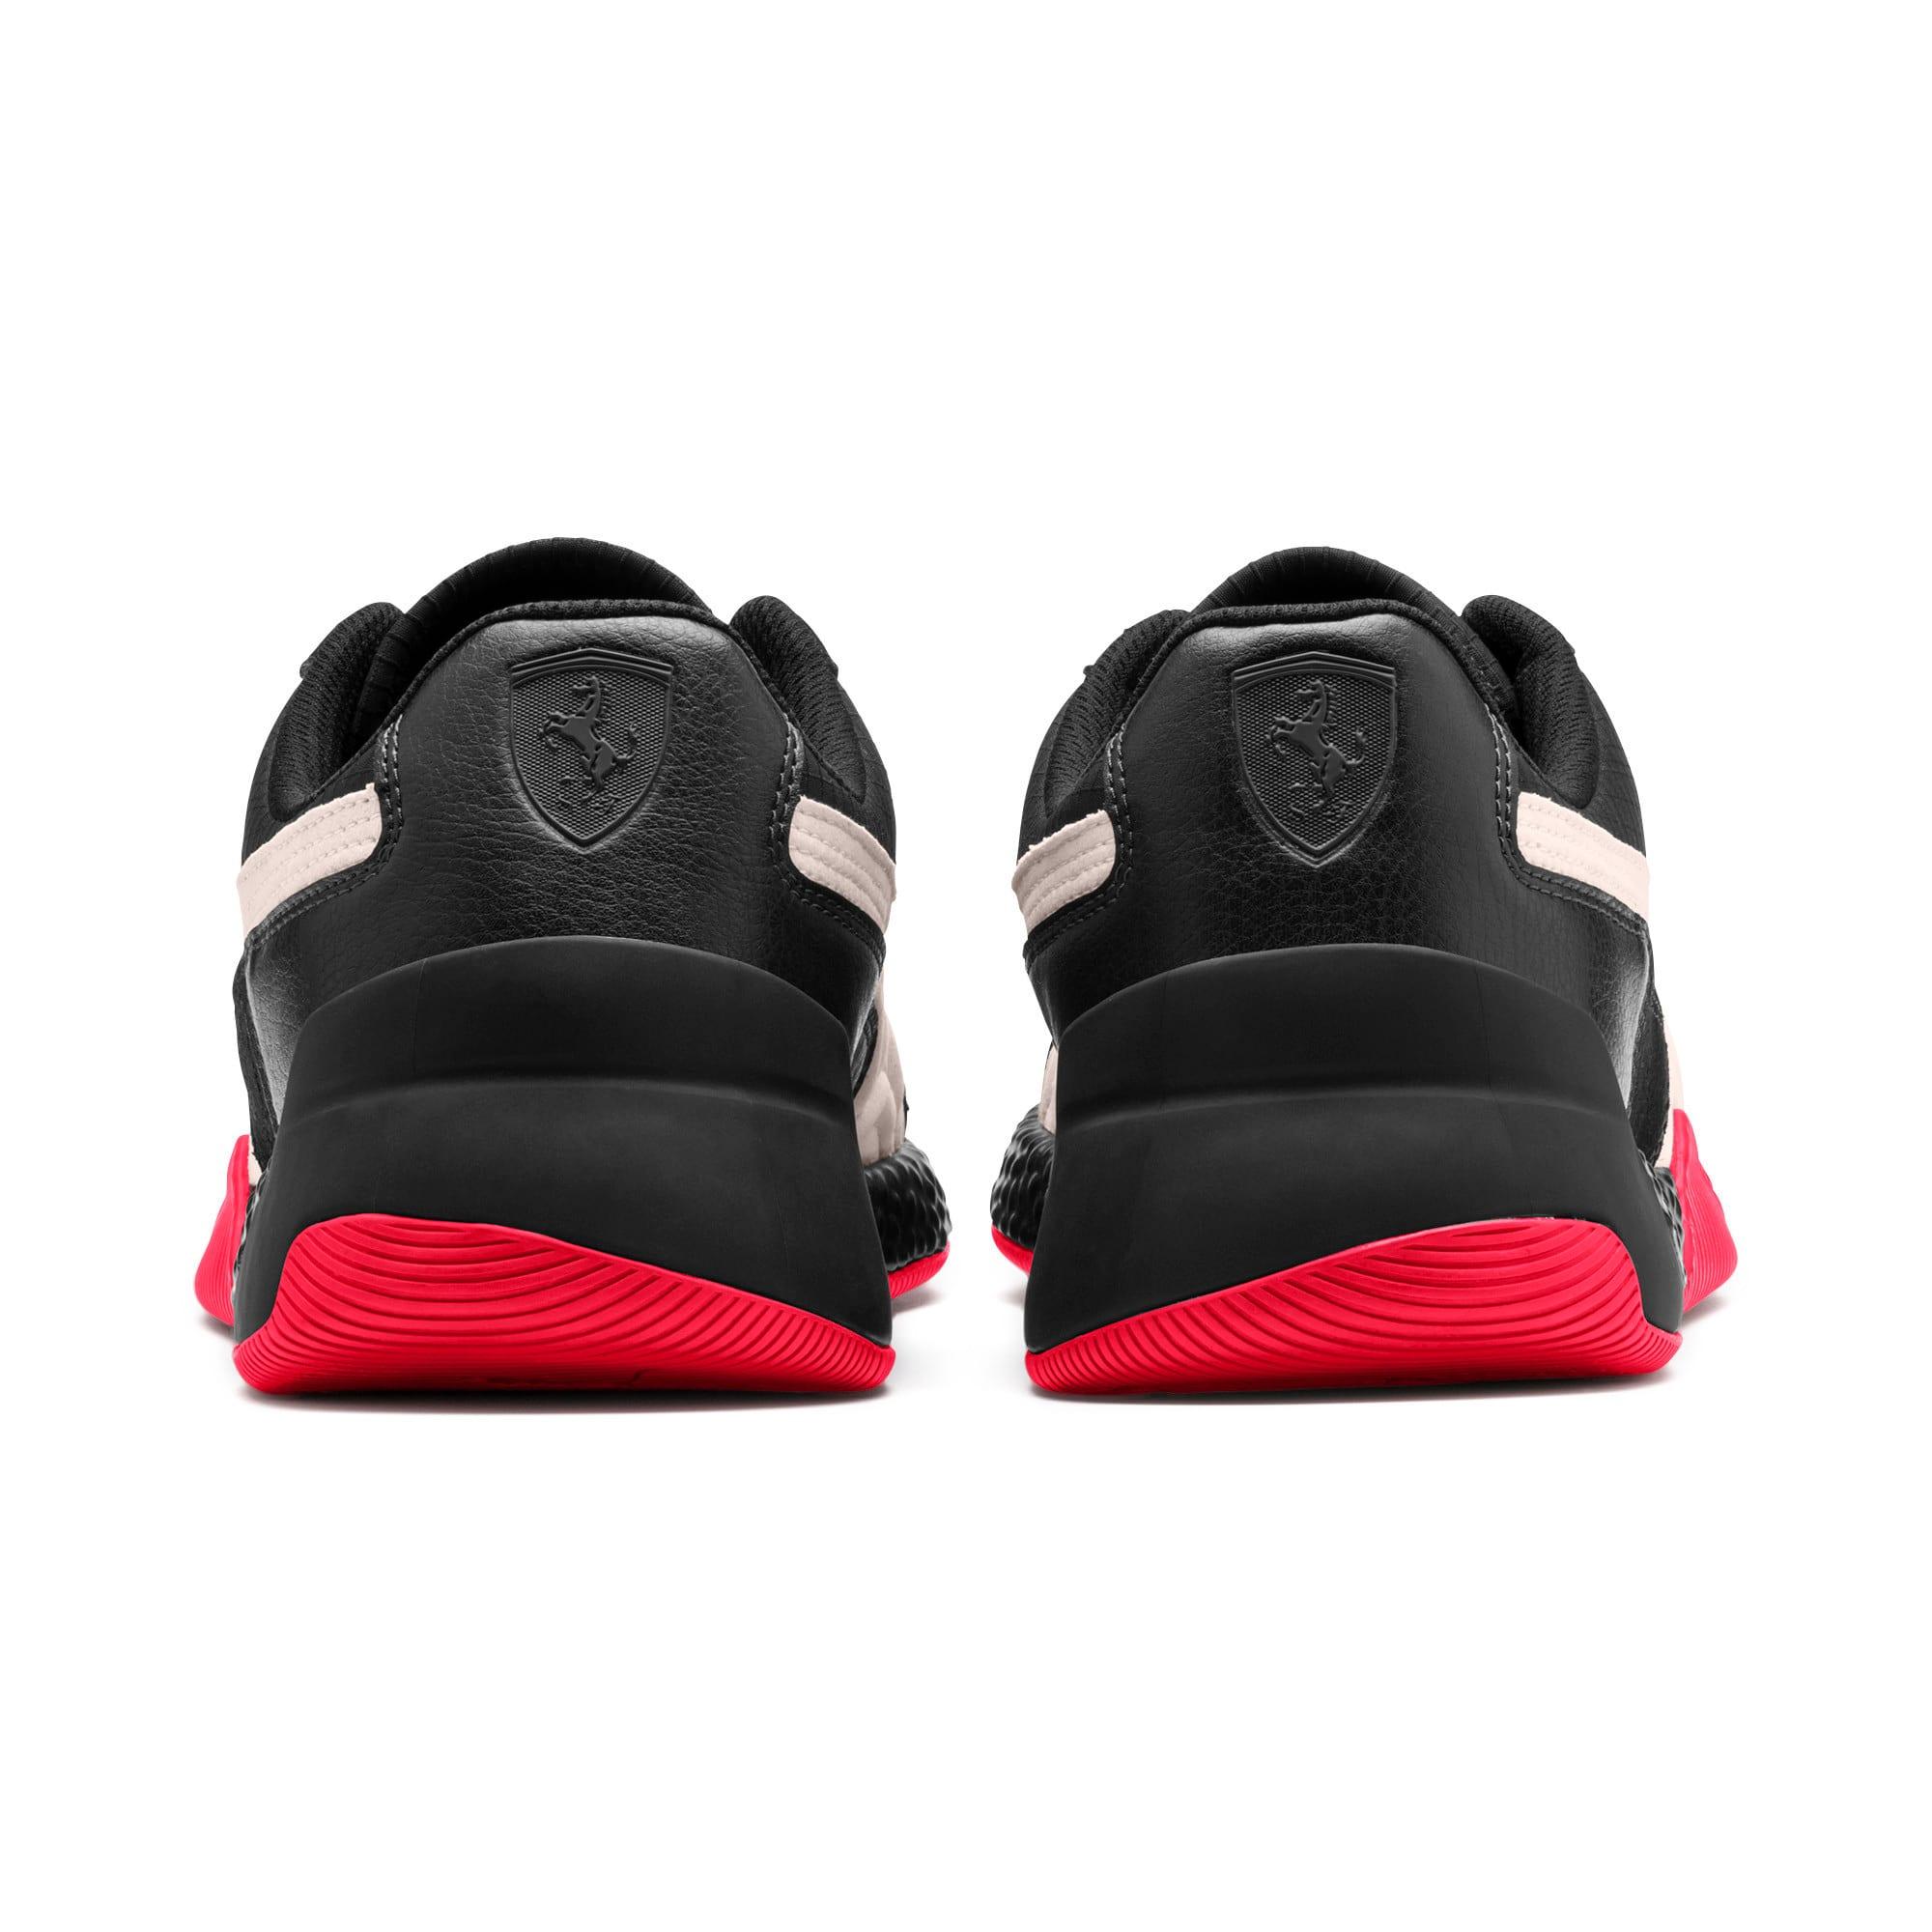 Miniatura 4 de Zapatos Scuderia Ferrari Speed Hybrid LS, Blk-Pstl Prchmnt-Rosso Corsa, mediano